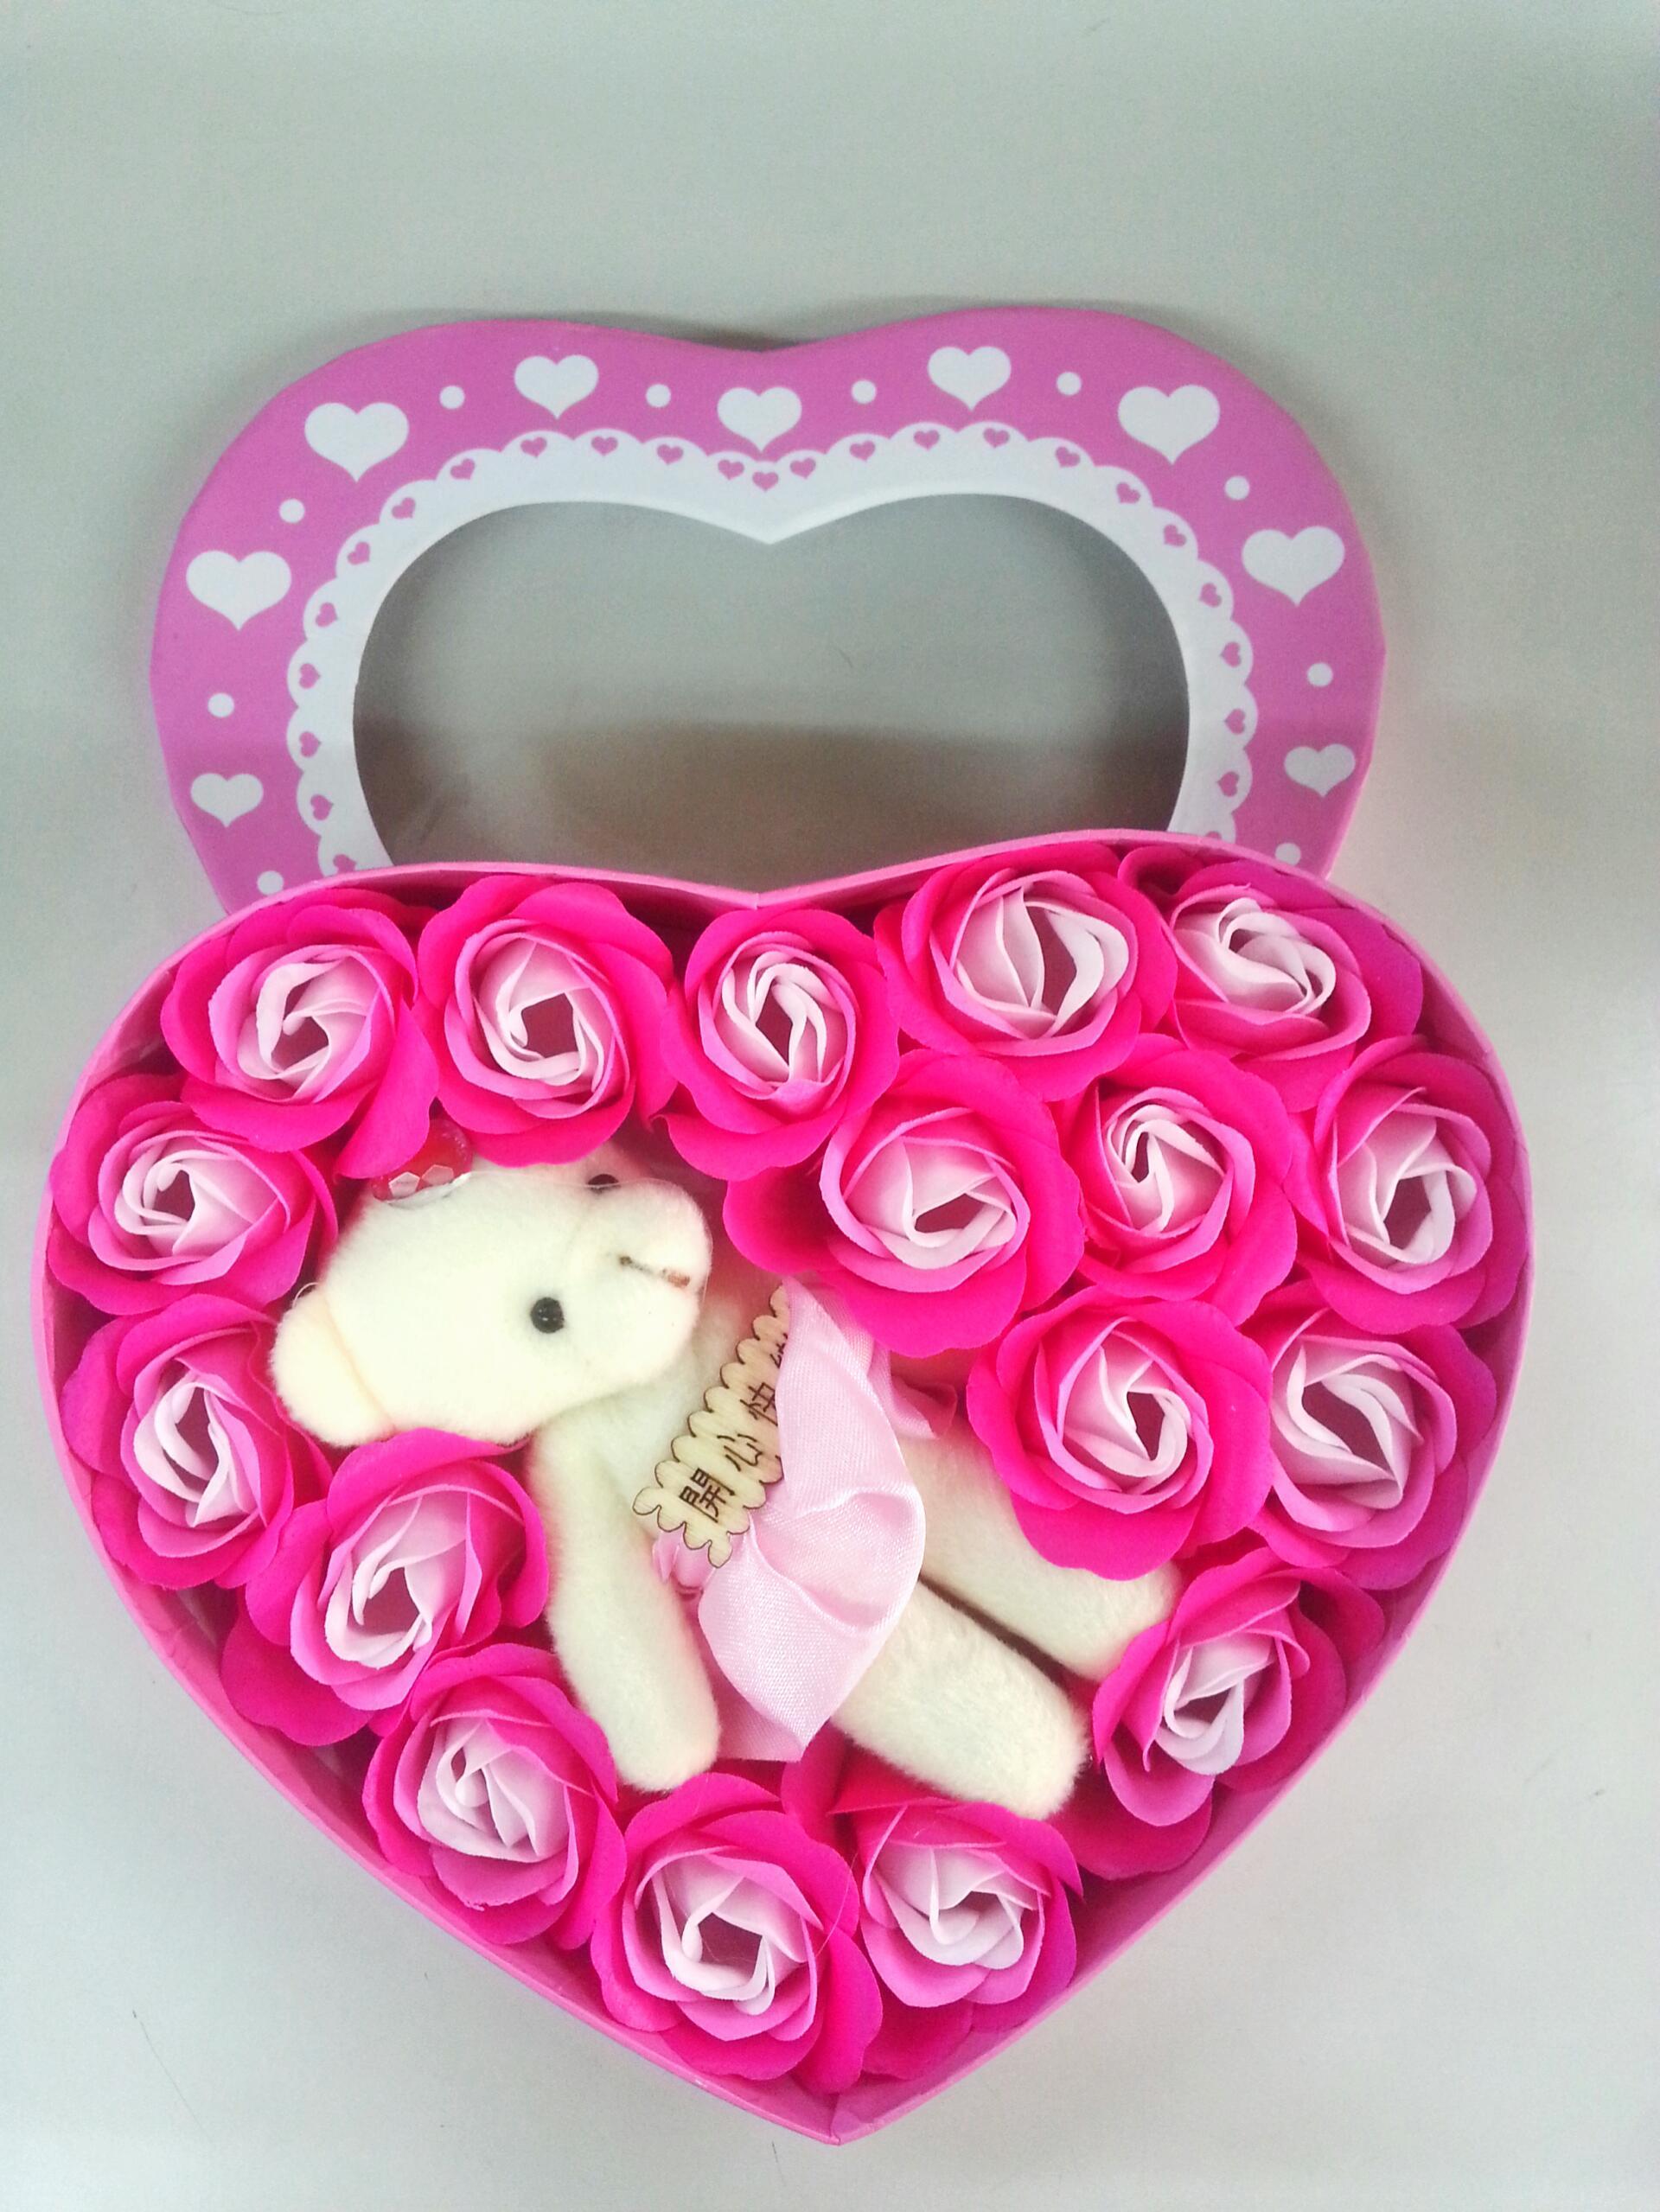 กล่องหัวใจวาเลนไทน์ หมี+ดอกกุหลาบ18ดอก(มีกลิ่นหอม)